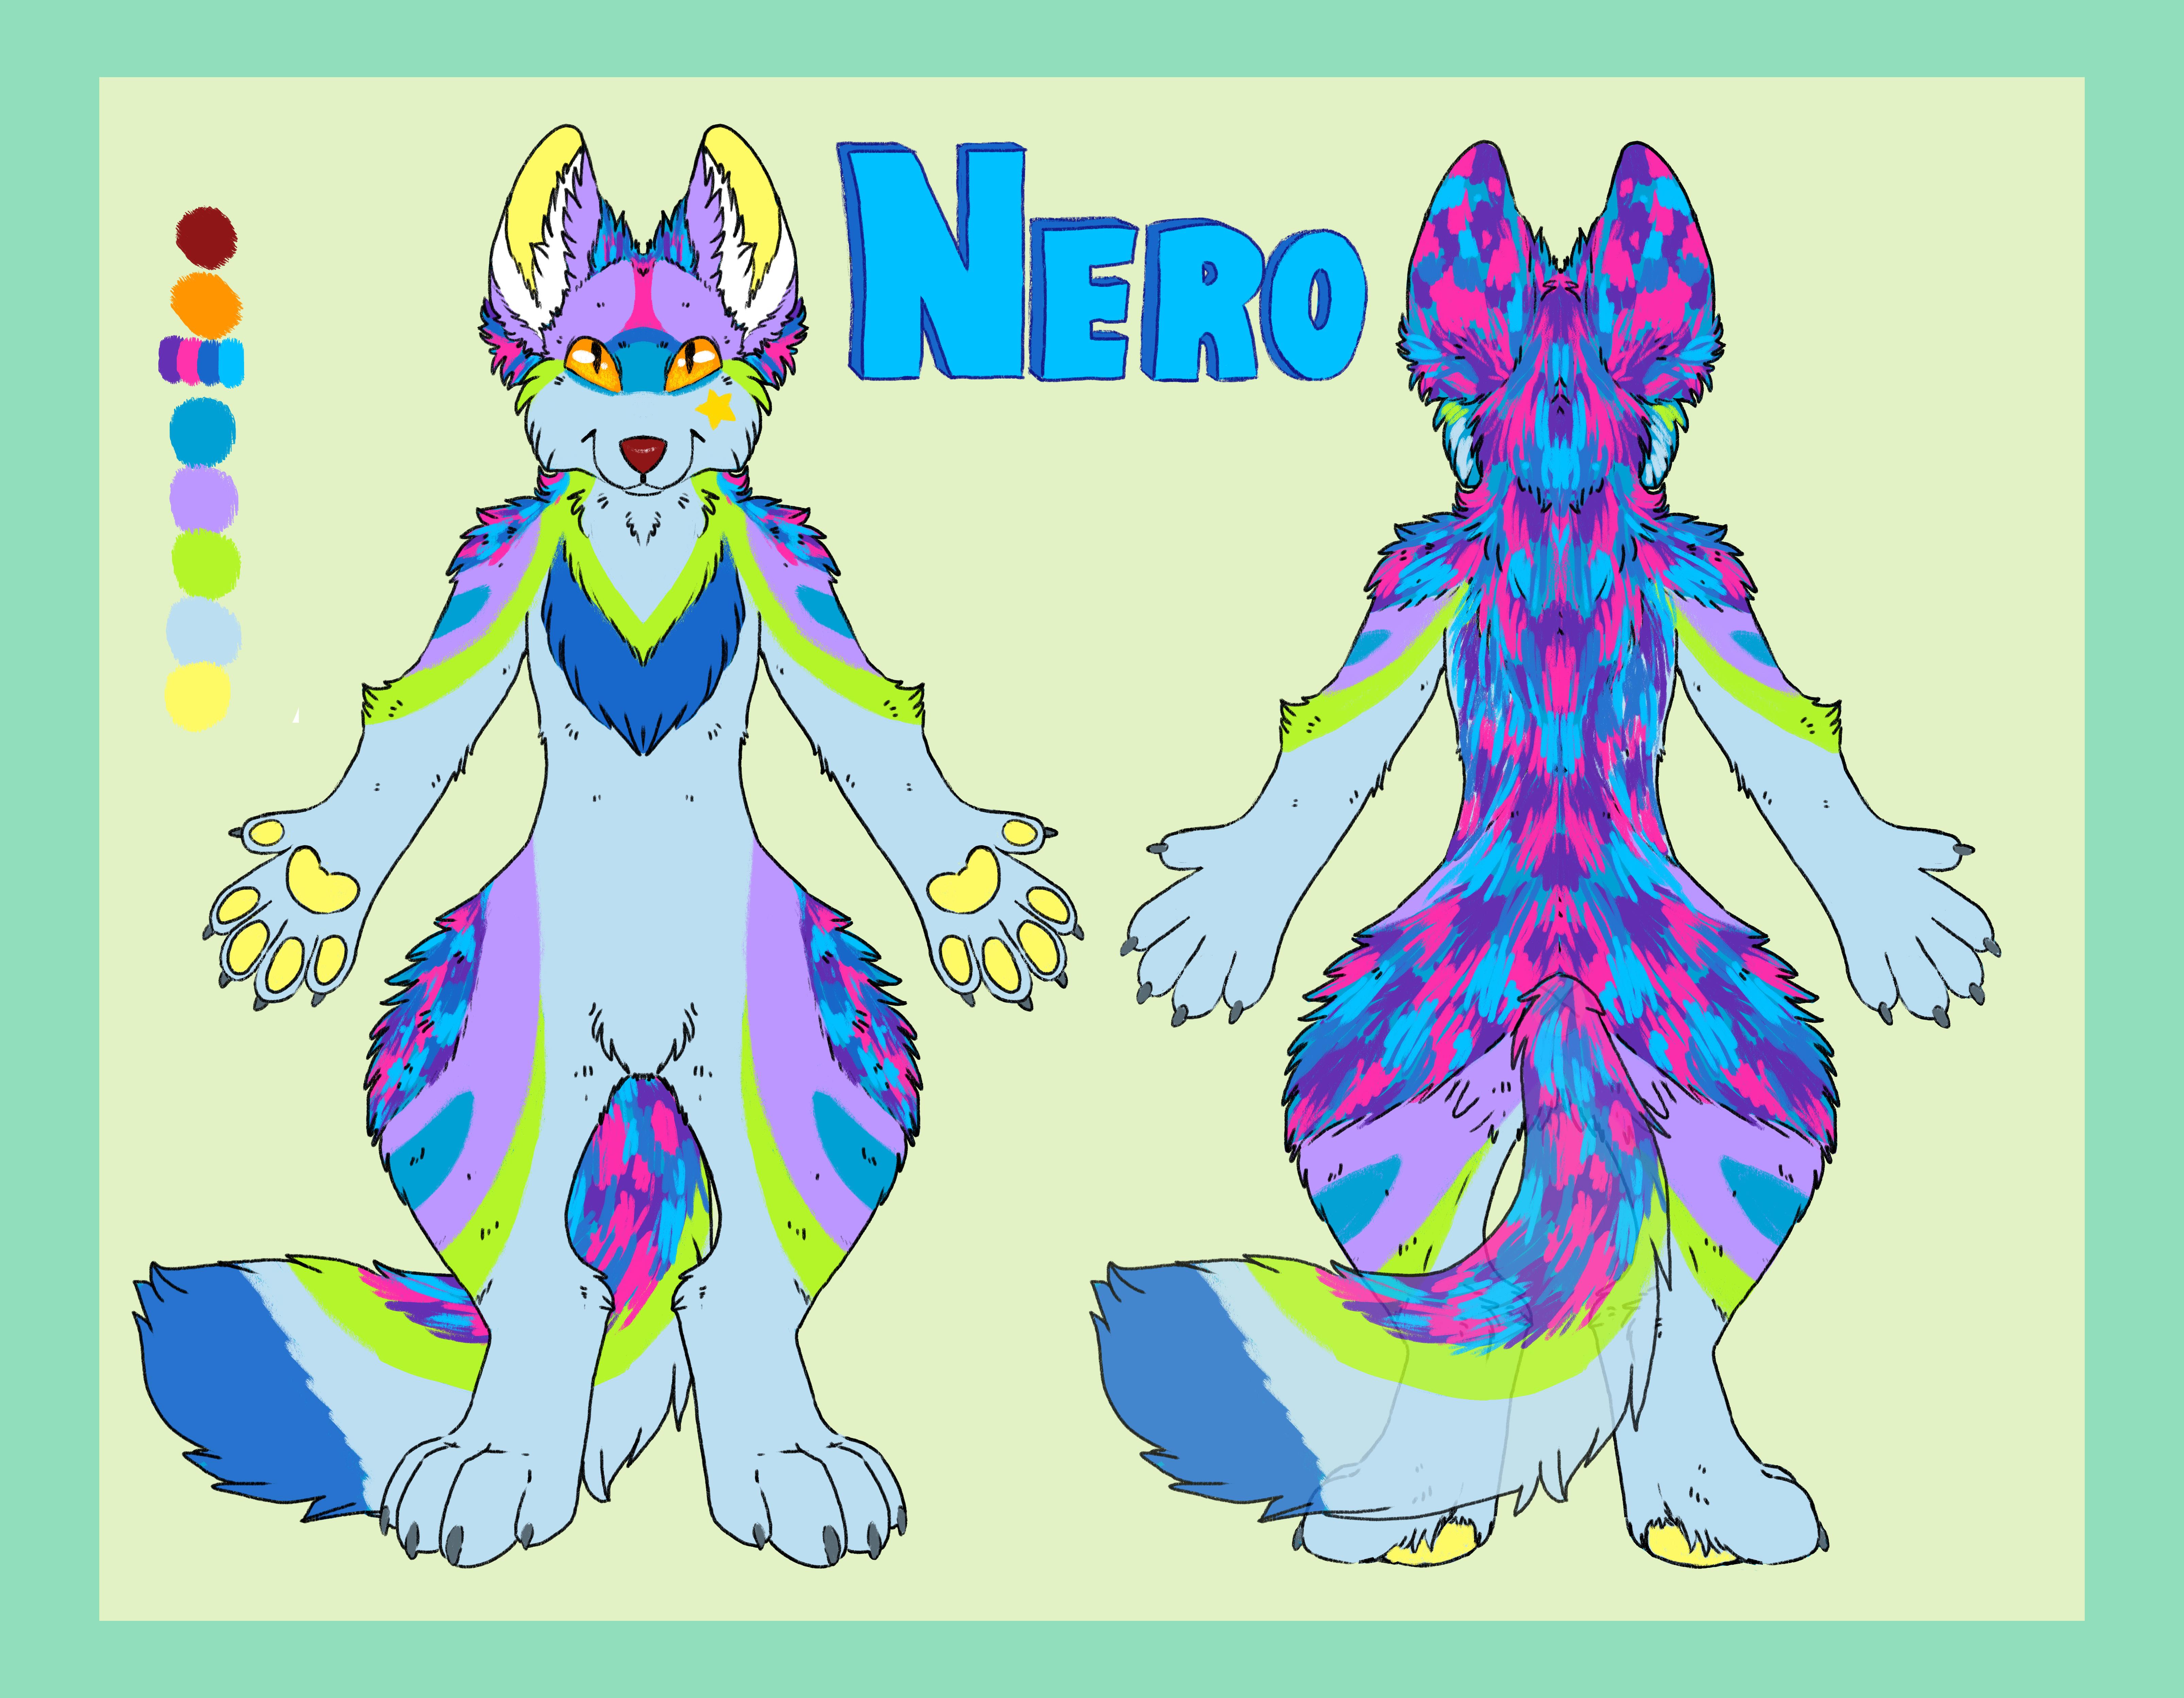 Nero fennec ref